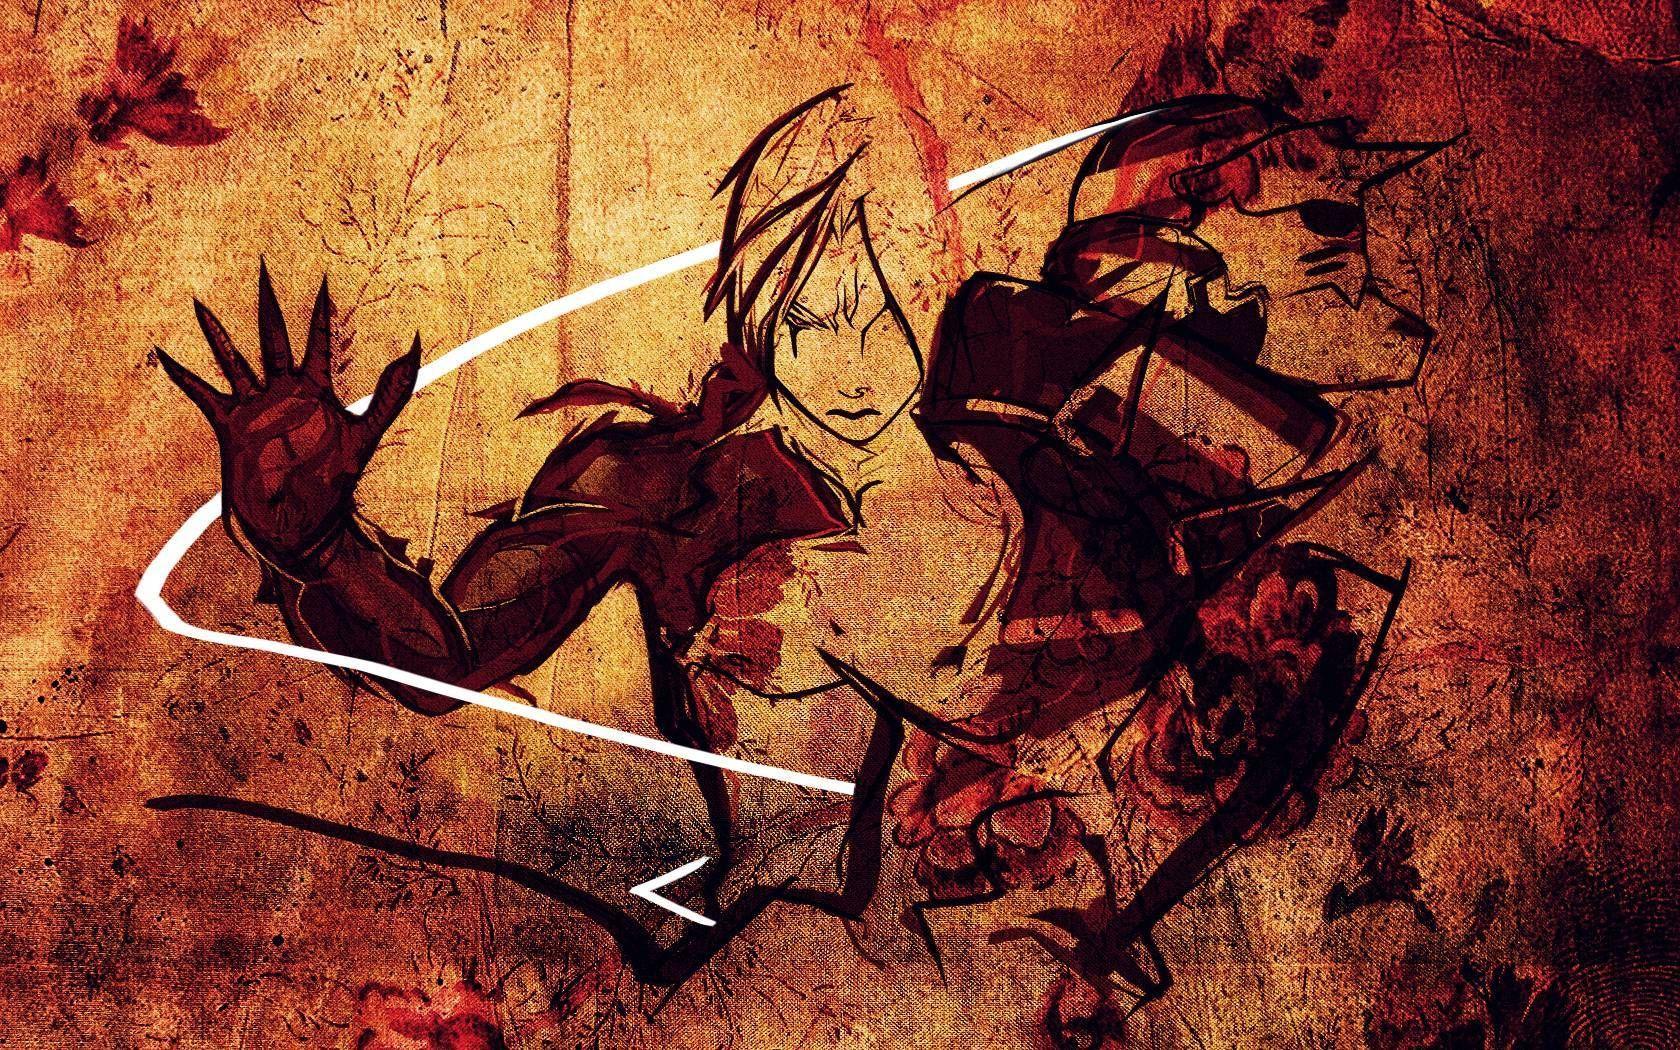 Desktop And Mobile Wallpaper Fullmetal Alchemist Wallpapers Fullmetal Alchemist Anime